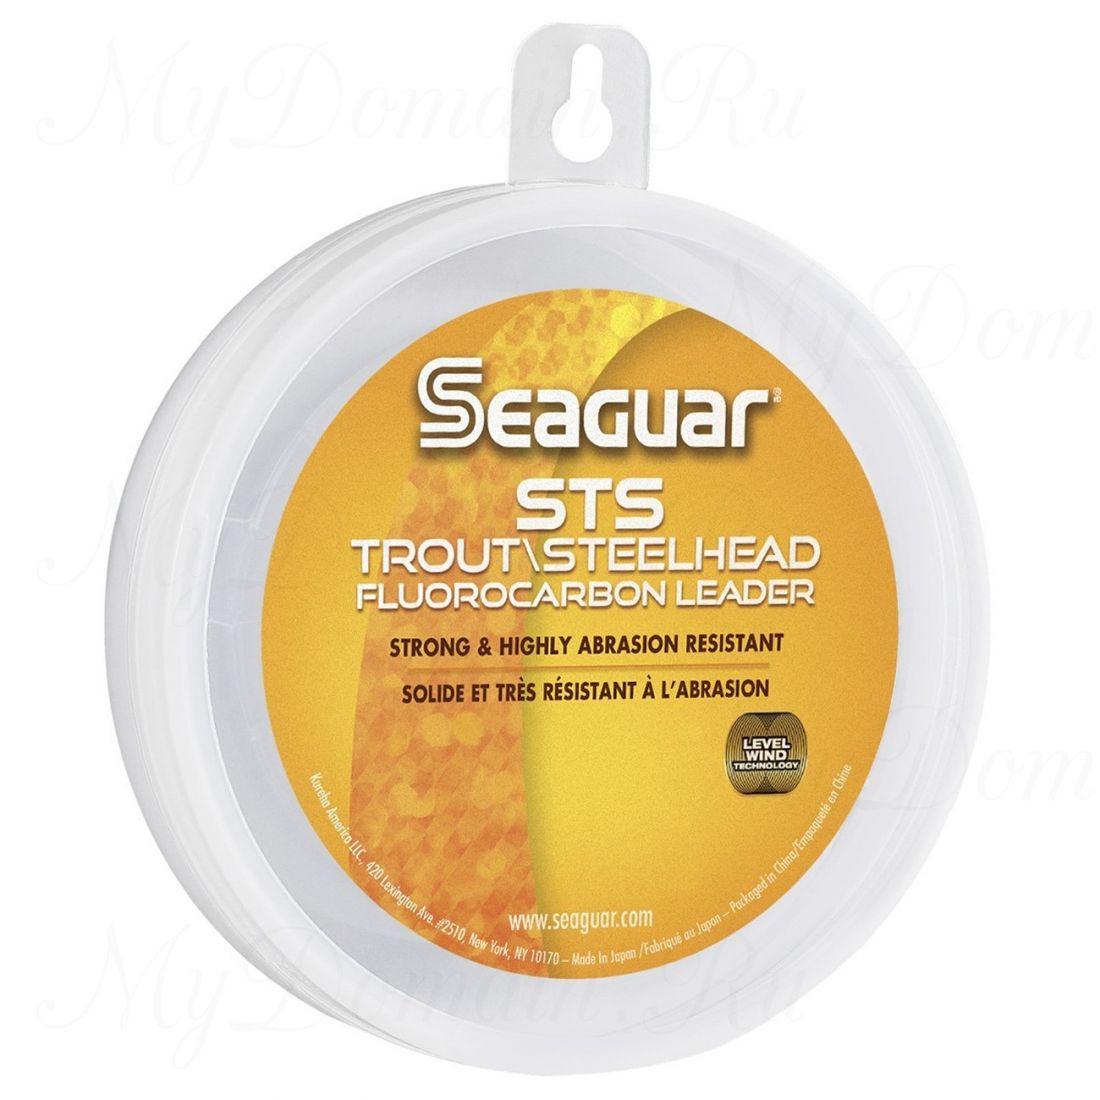 Поводковый материал из флюорокарбона Seaguar STS Salmon & Trout/Steelhead 0,405 мм; 20 lb/9,1 кг; 100 ярдов/91 м.